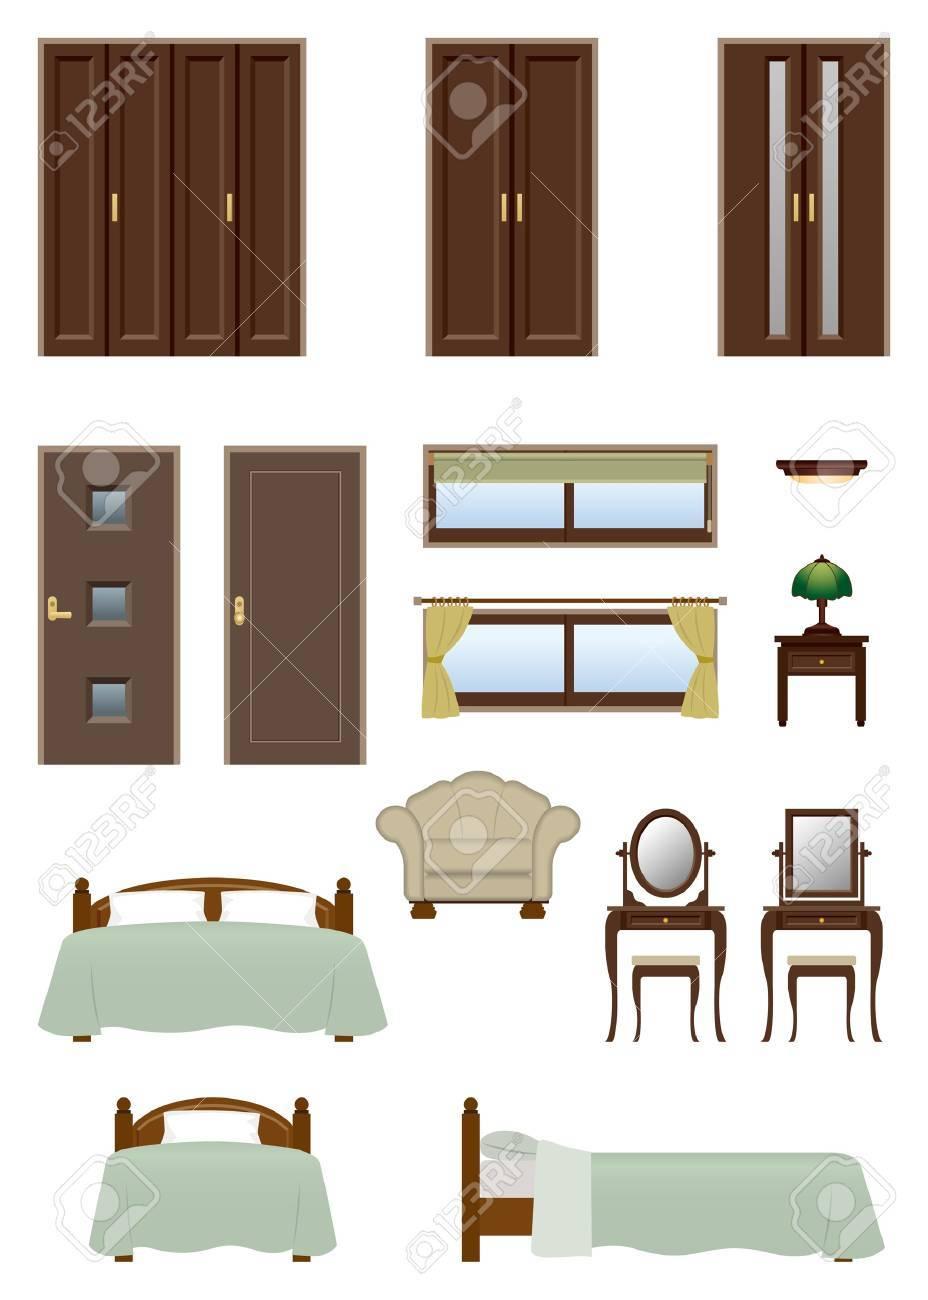 Bedroom furniture Stock Vector - 20417305